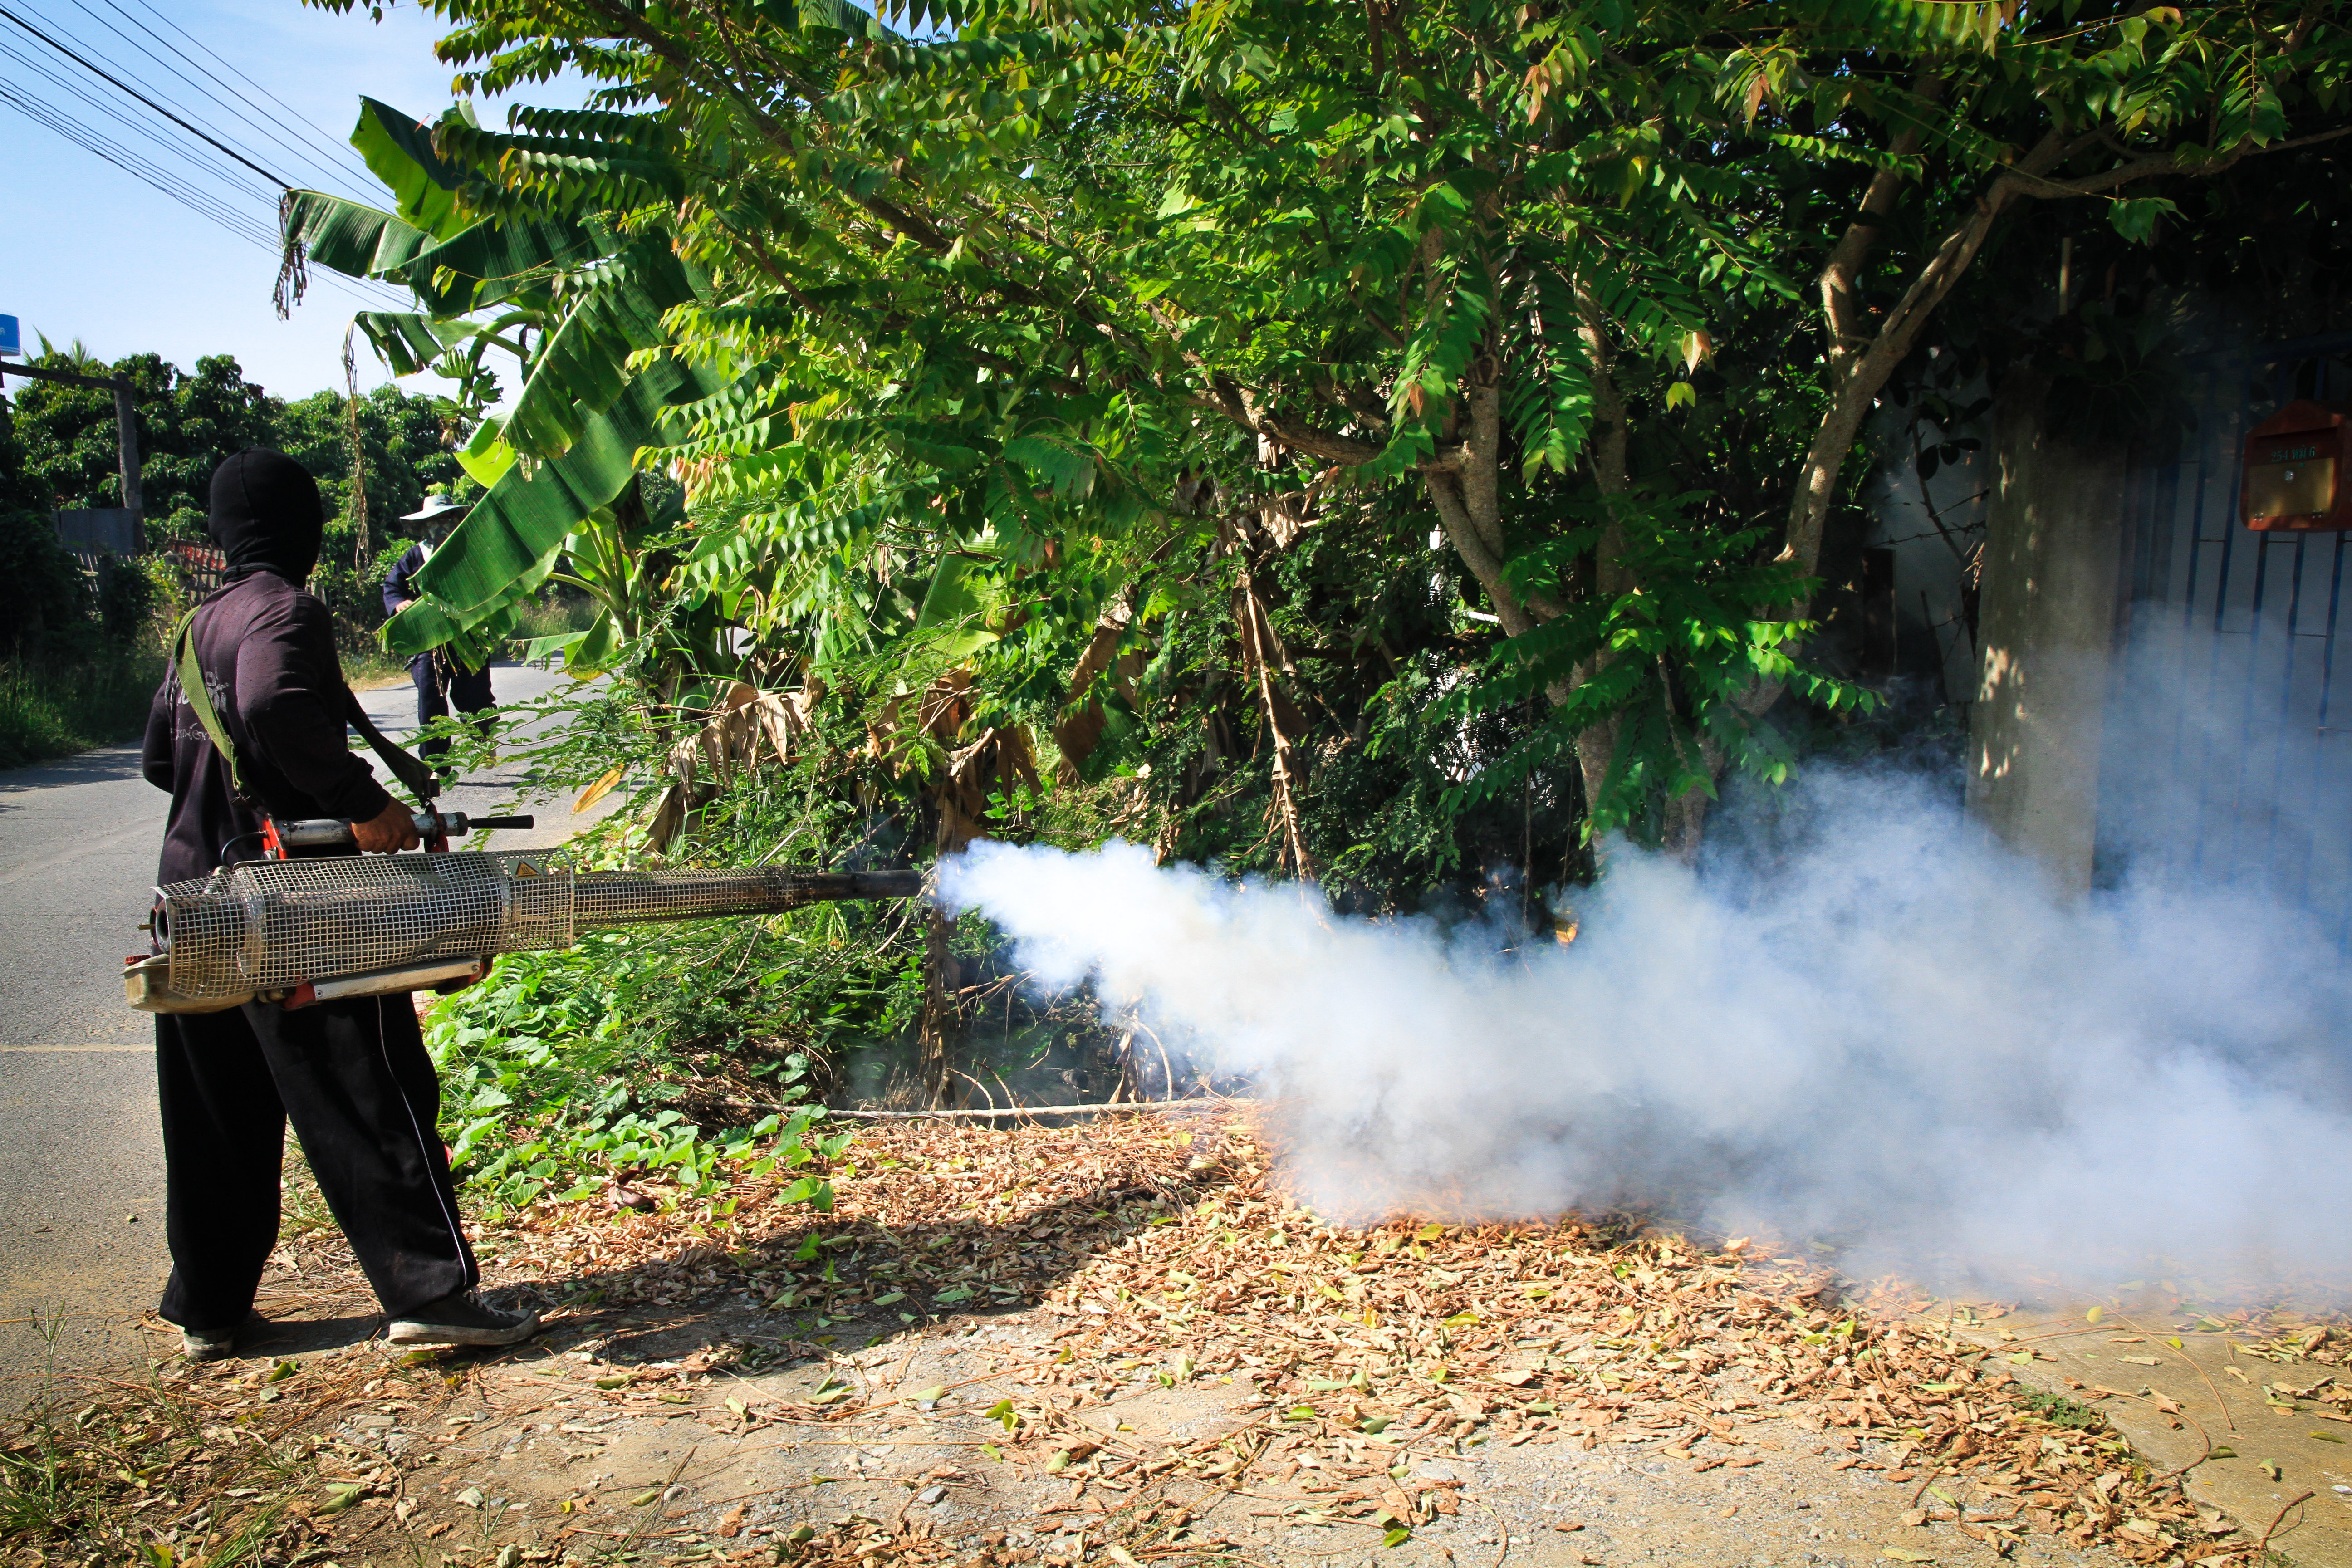 I de drabbade länderna kämpar nu myndigheter med att få bukt på smittan genom att bland annat utrota den mygga som sprider zikaviruset.